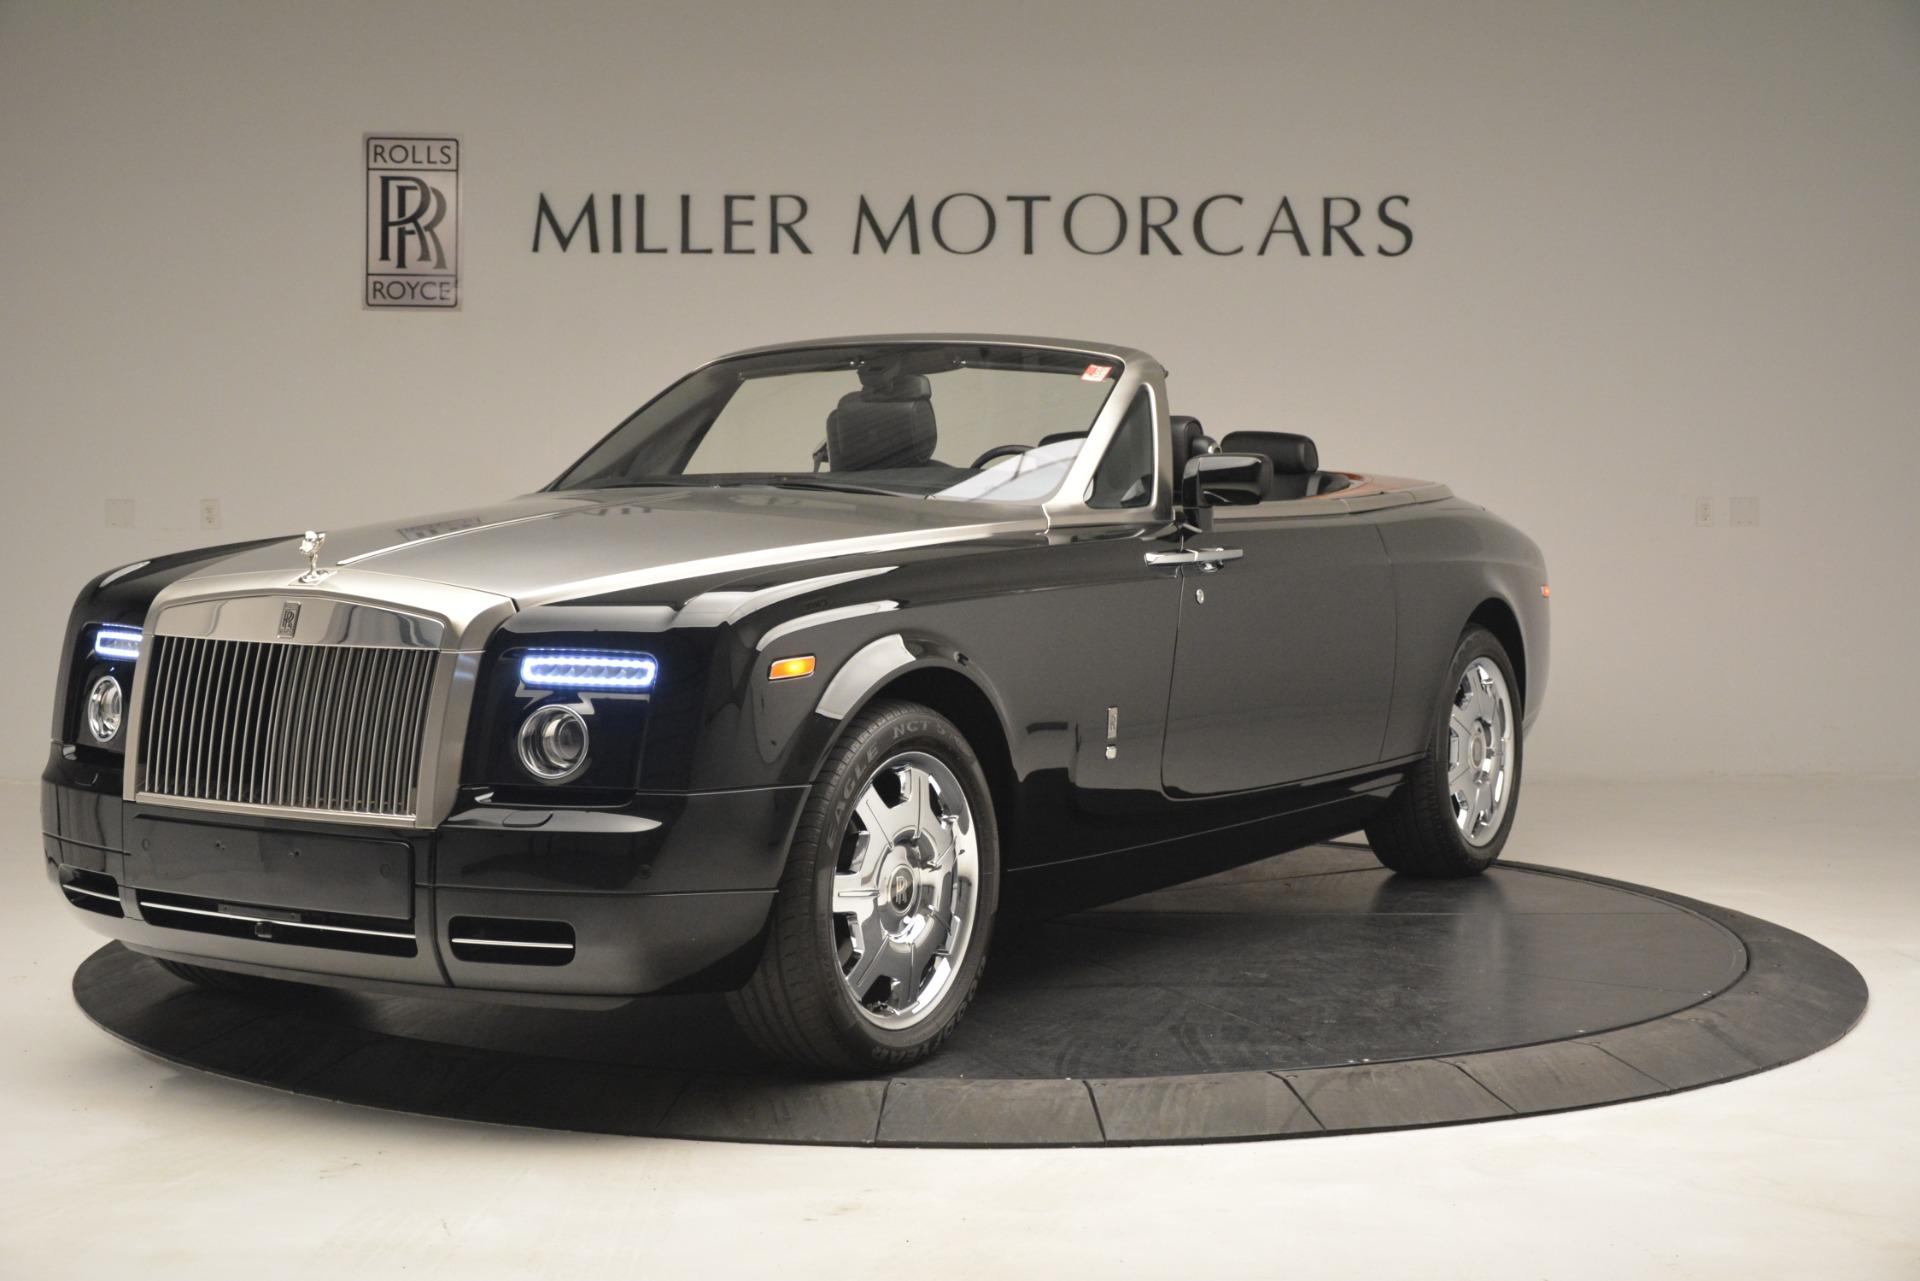 Used 2008 Rolls-Royce Phantom Drophead Coupe  For Sale In Westport, CT 3000_p3